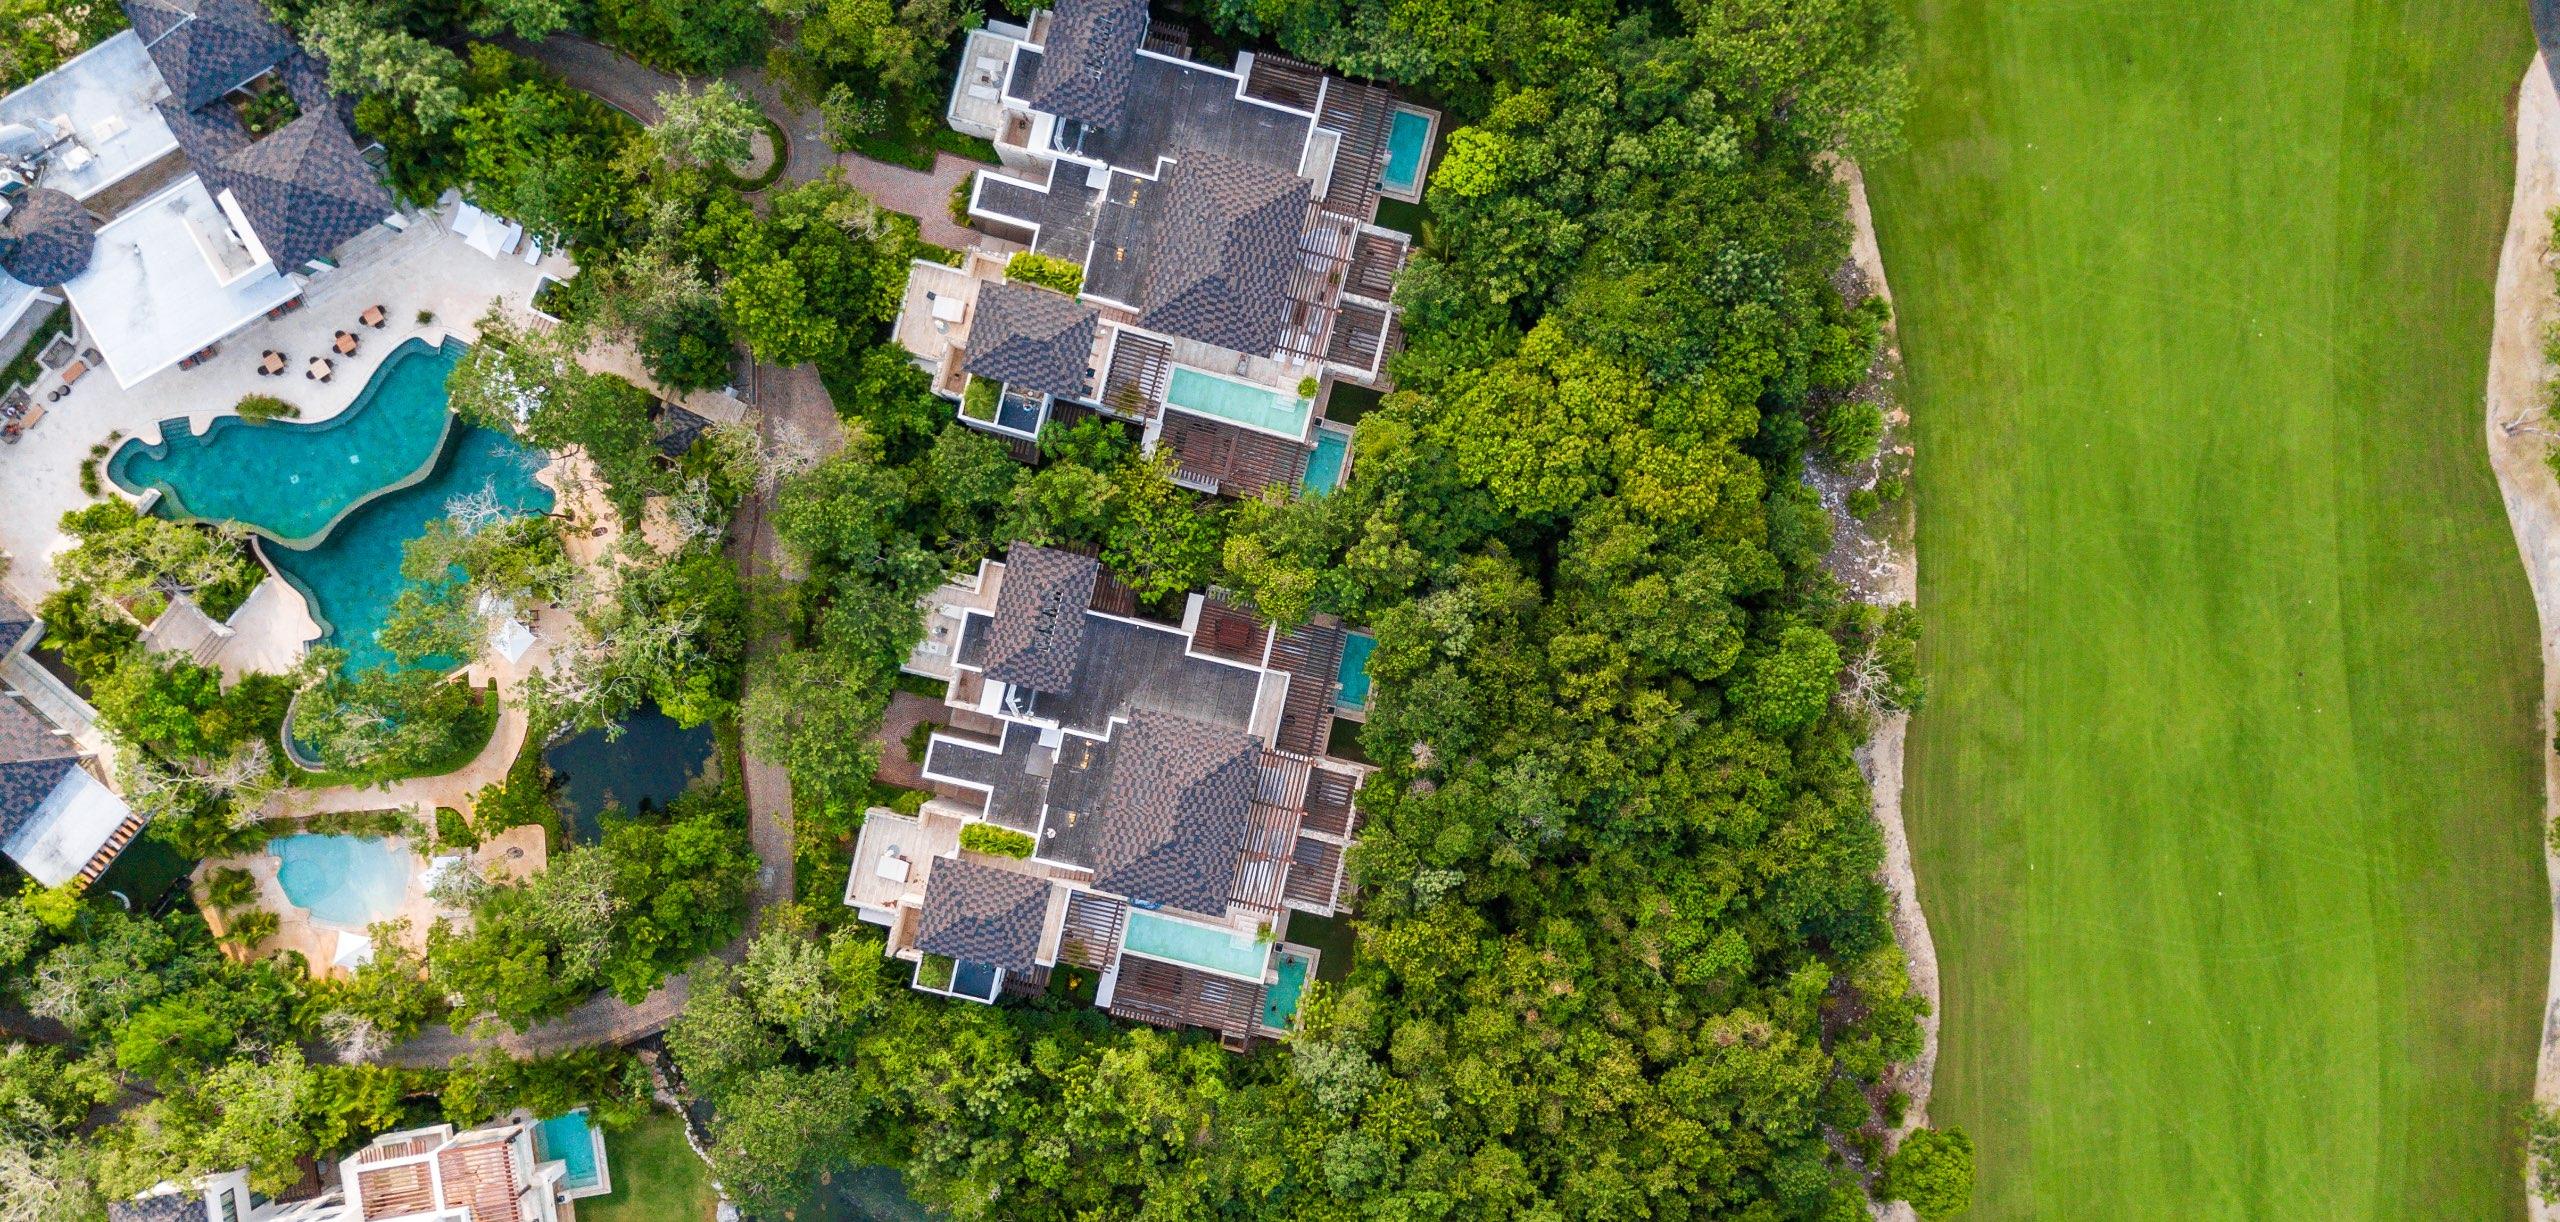 Farimont Residences